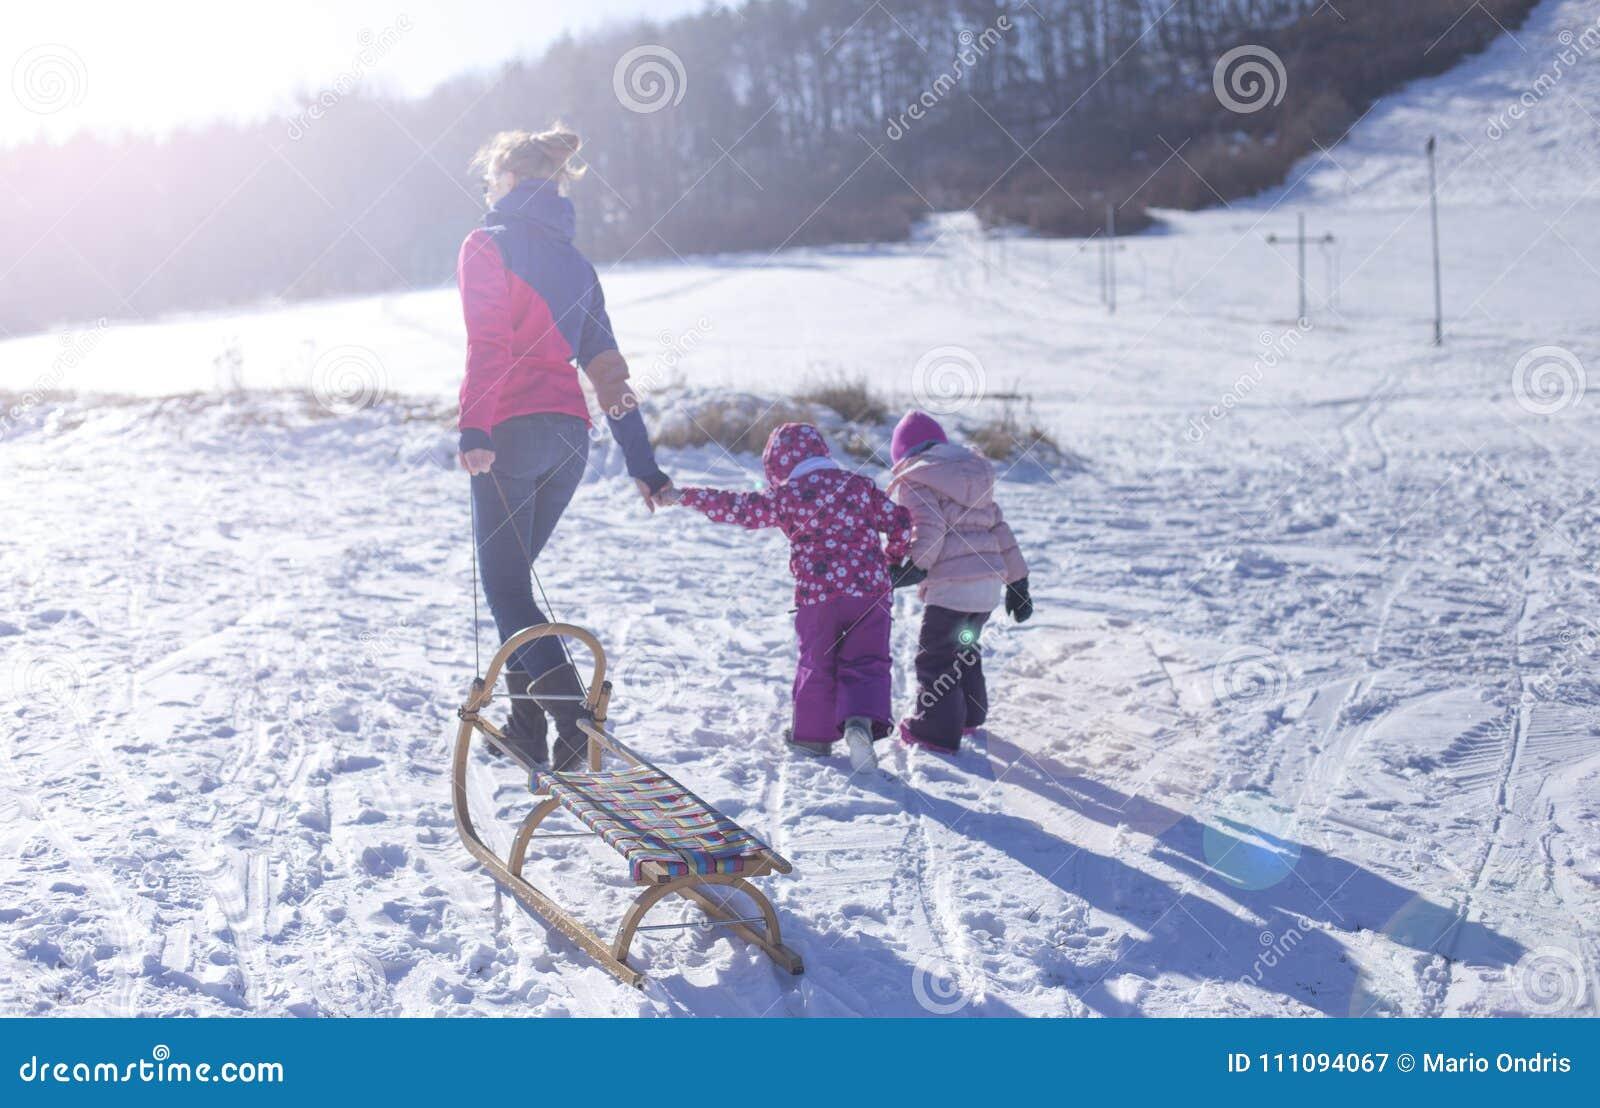 Bebê adorável em uma neve branca na situação morna do terno na neve